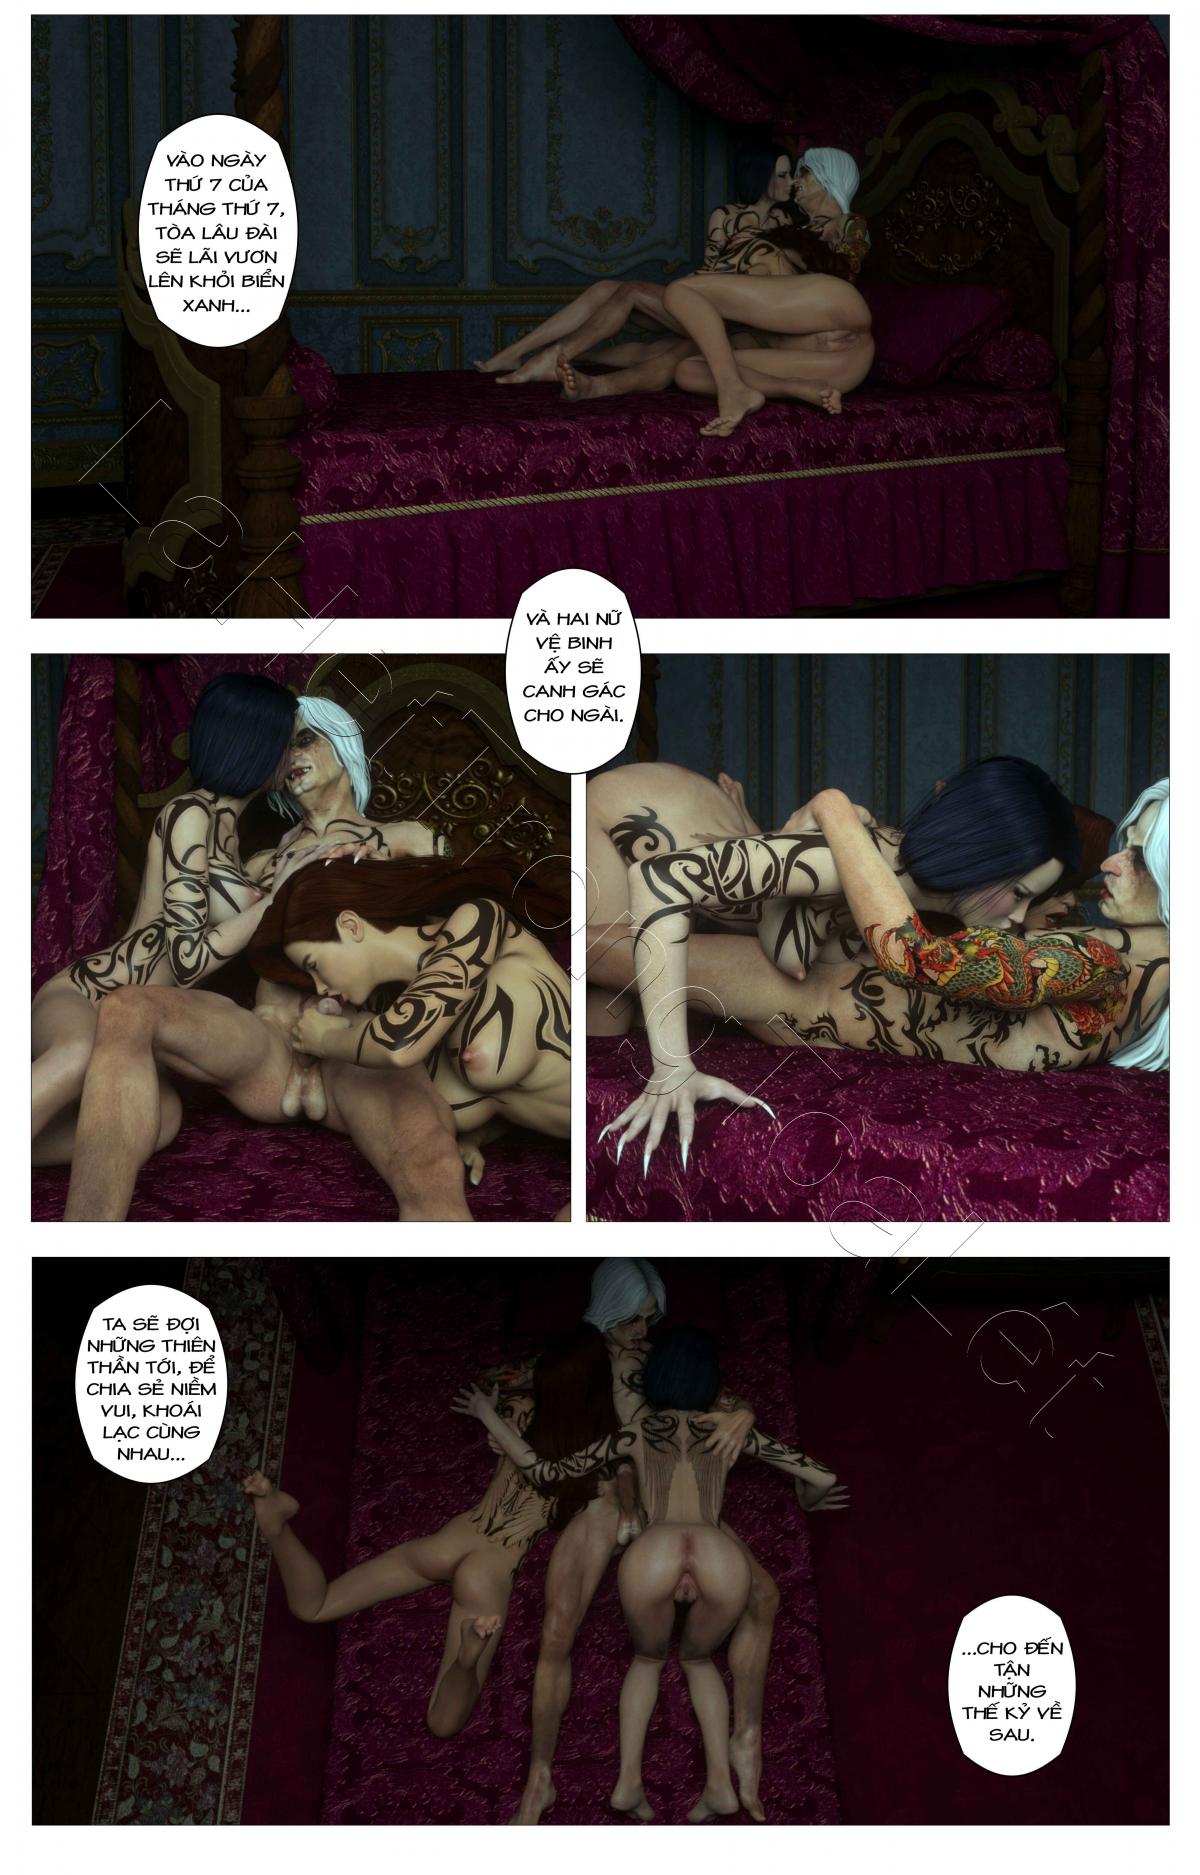 HentaiVN.net - Ảnh 17 - Tòa lâu đài bí ẩn: lời nguyền của Caritagua - Crypt Raider: Curse of Caritagua, Crypt Raider - Tập 5